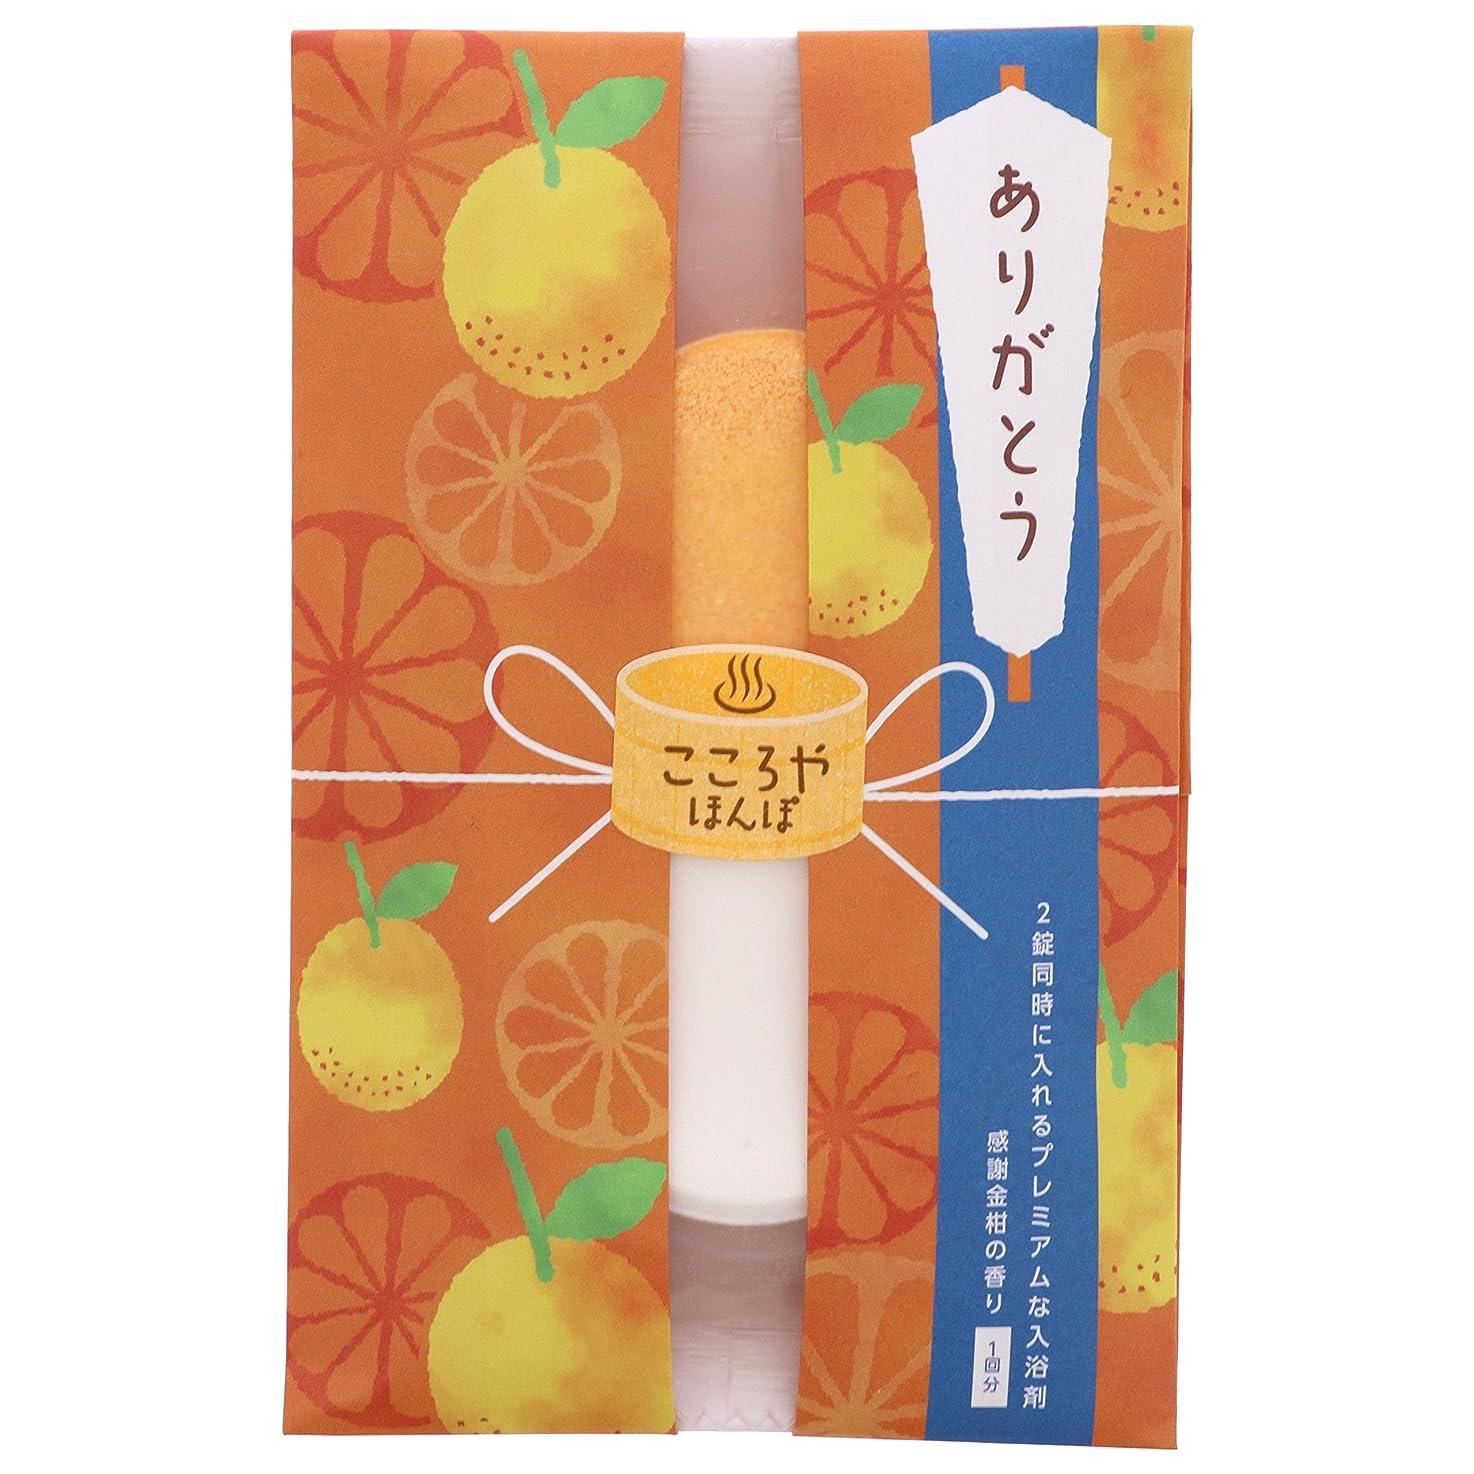 近傍有彩色の振るうこころやほんぽ カジュアルギフト 入浴剤 ありがとう 金柑の香り 50g